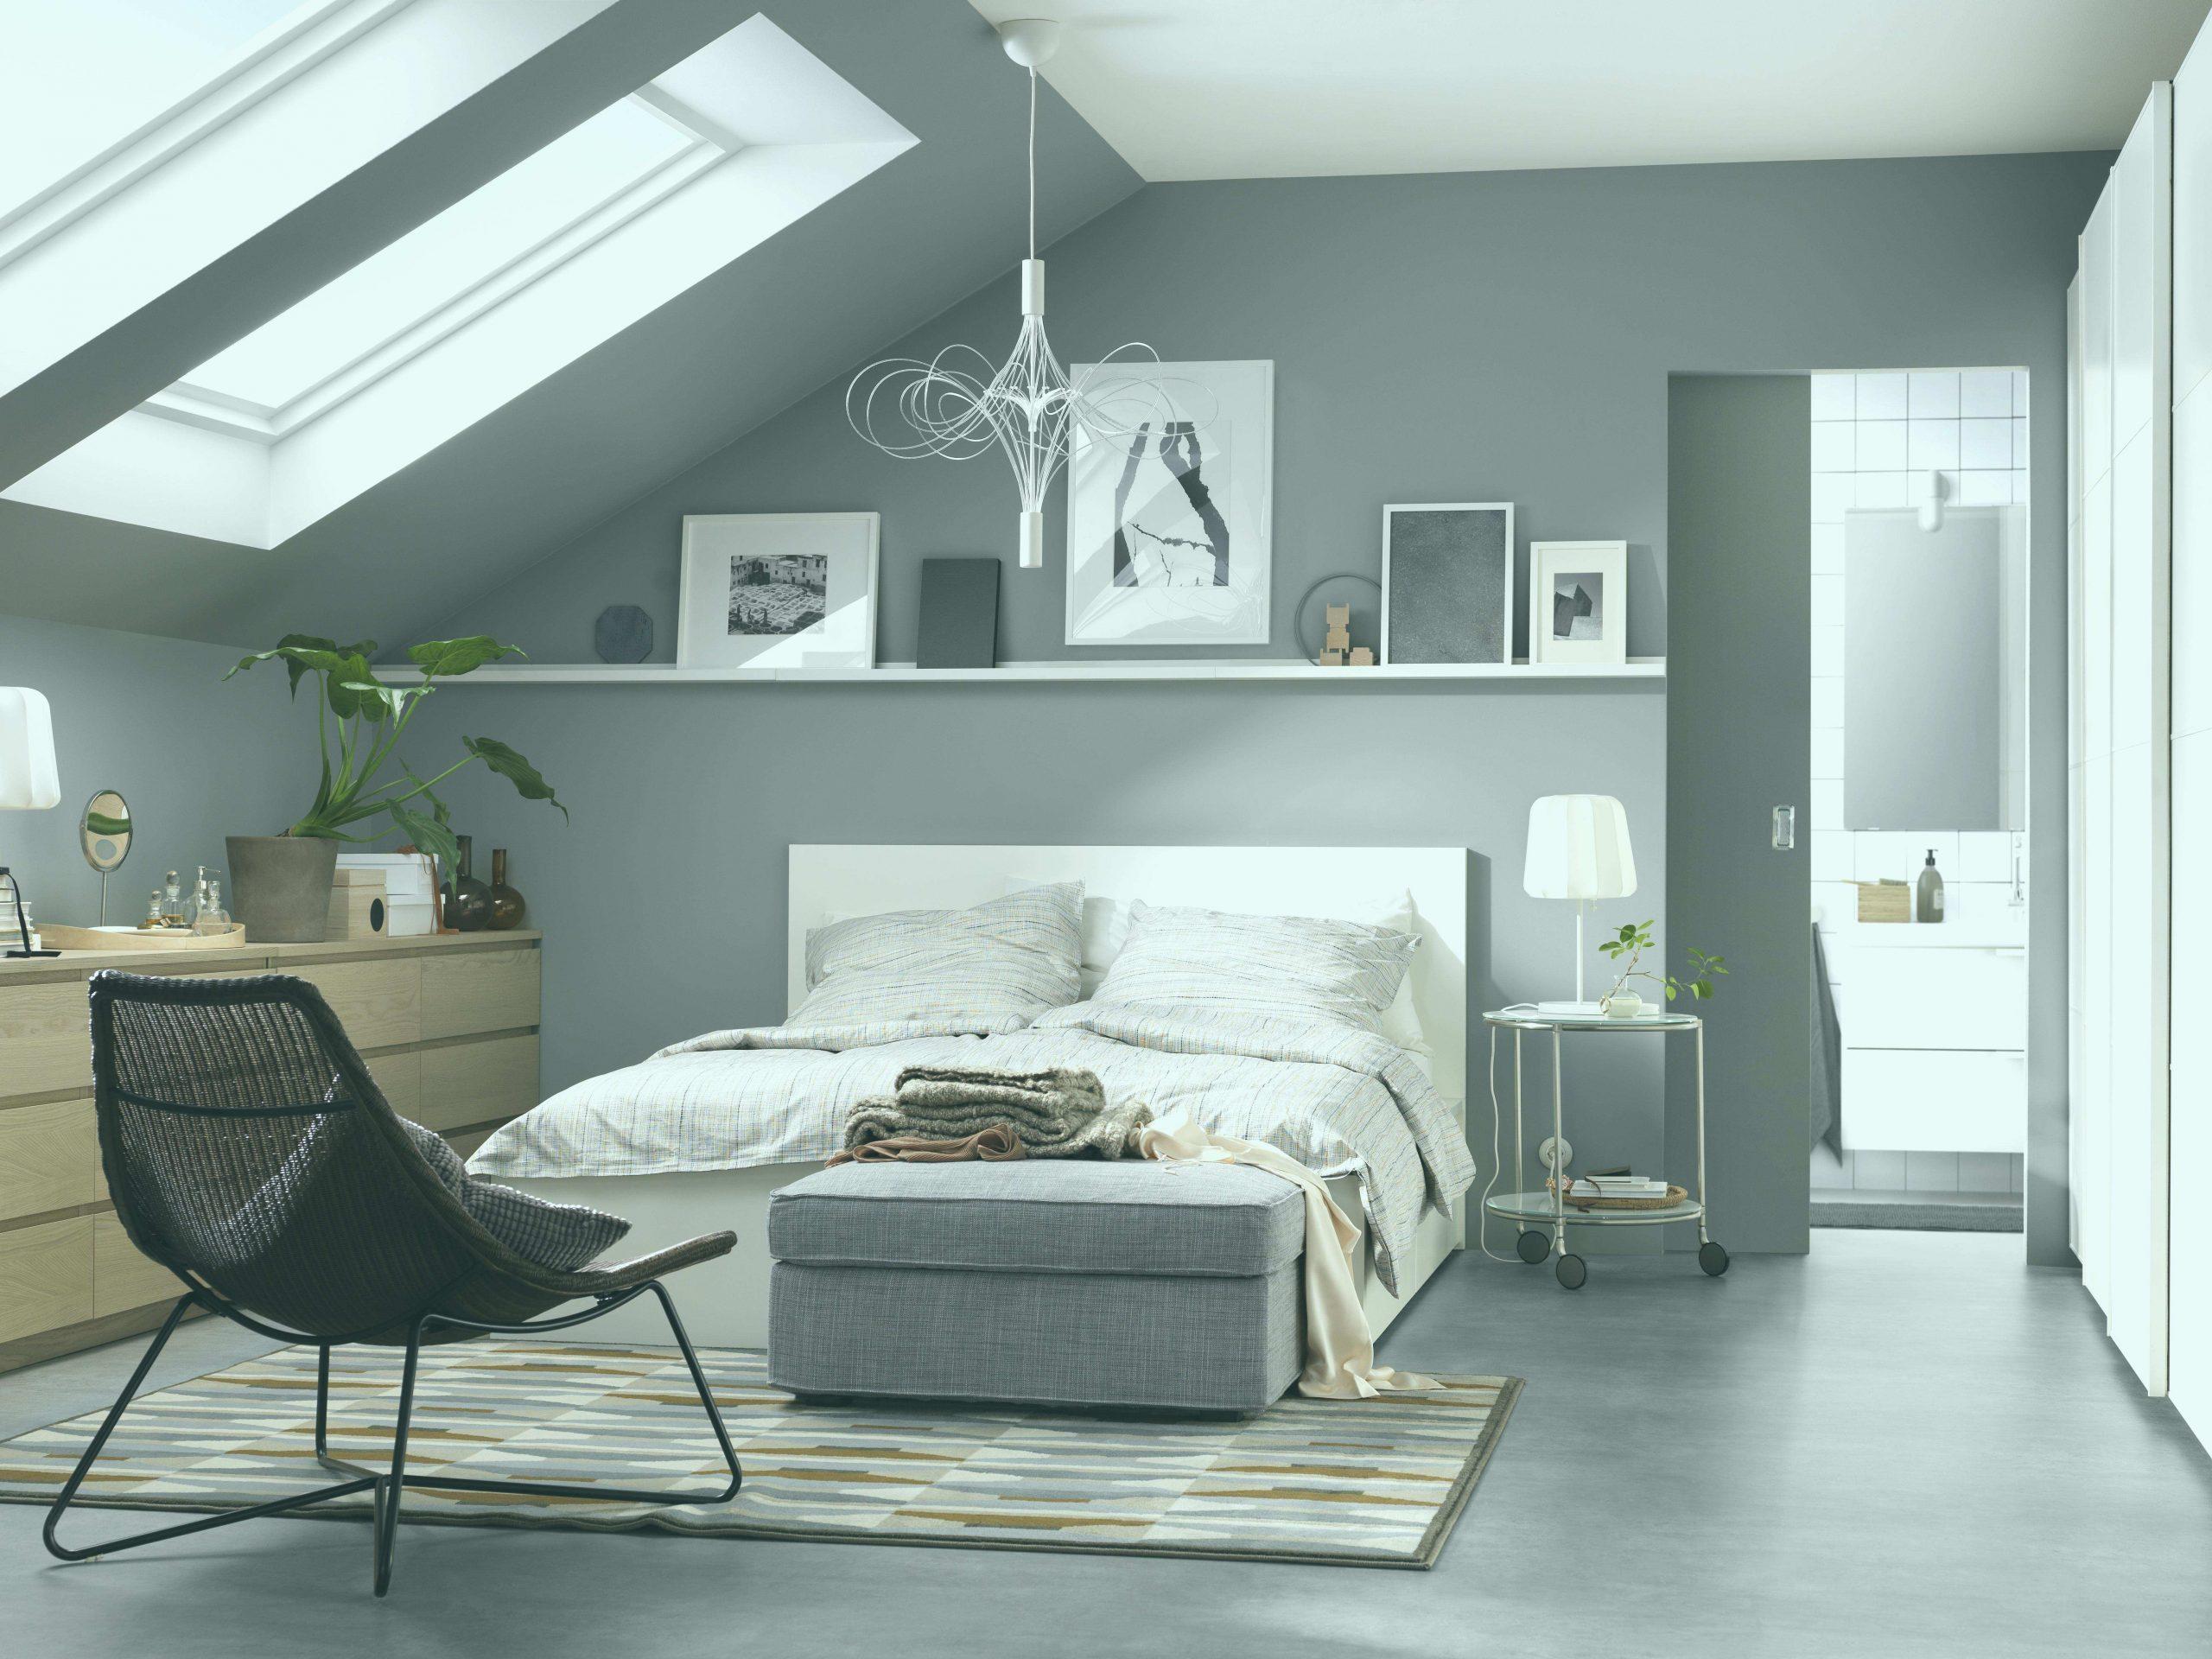 Full Size of 59 Einzigartig Moderne Schlafzimmer Lampen Tolles Komplett Weiß Set Mit Matratze Und Lattenrost Günstig Kommoden Kronleuchter Wandleuchte Guenstig Sessel Wohnzimmer Schlafzimmer Lampen